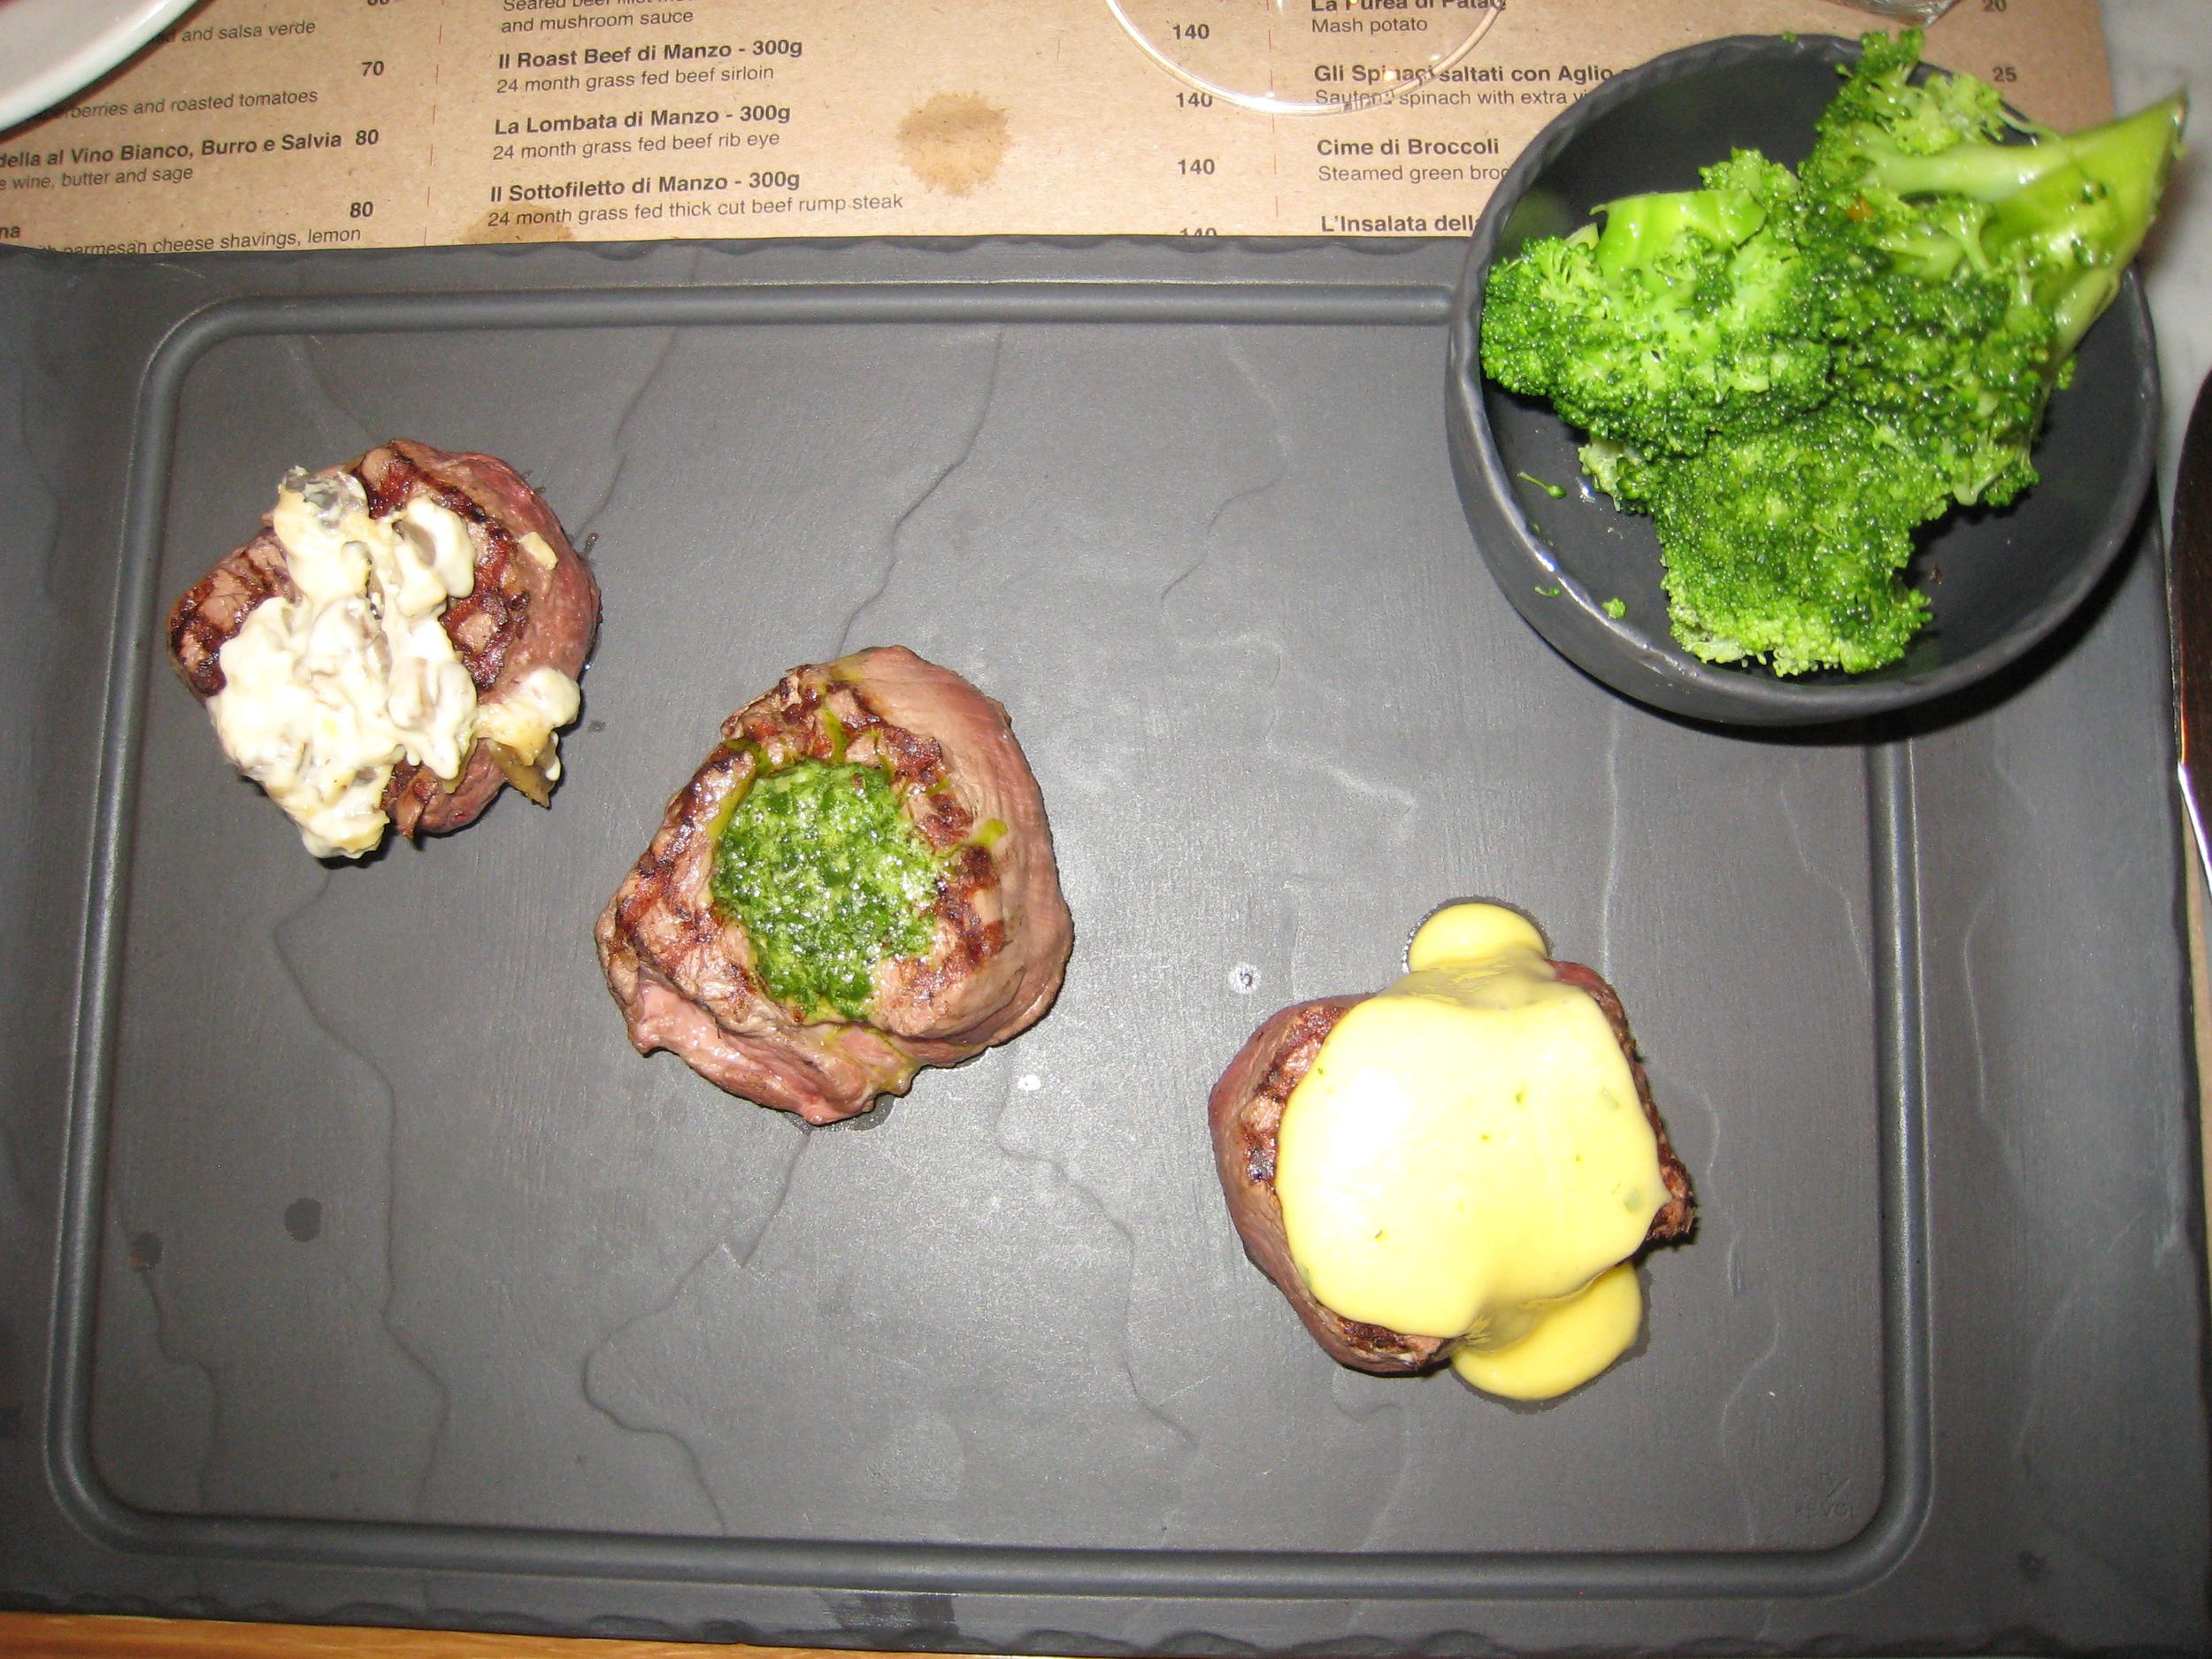 Filet mignon variations, ordered by Marta